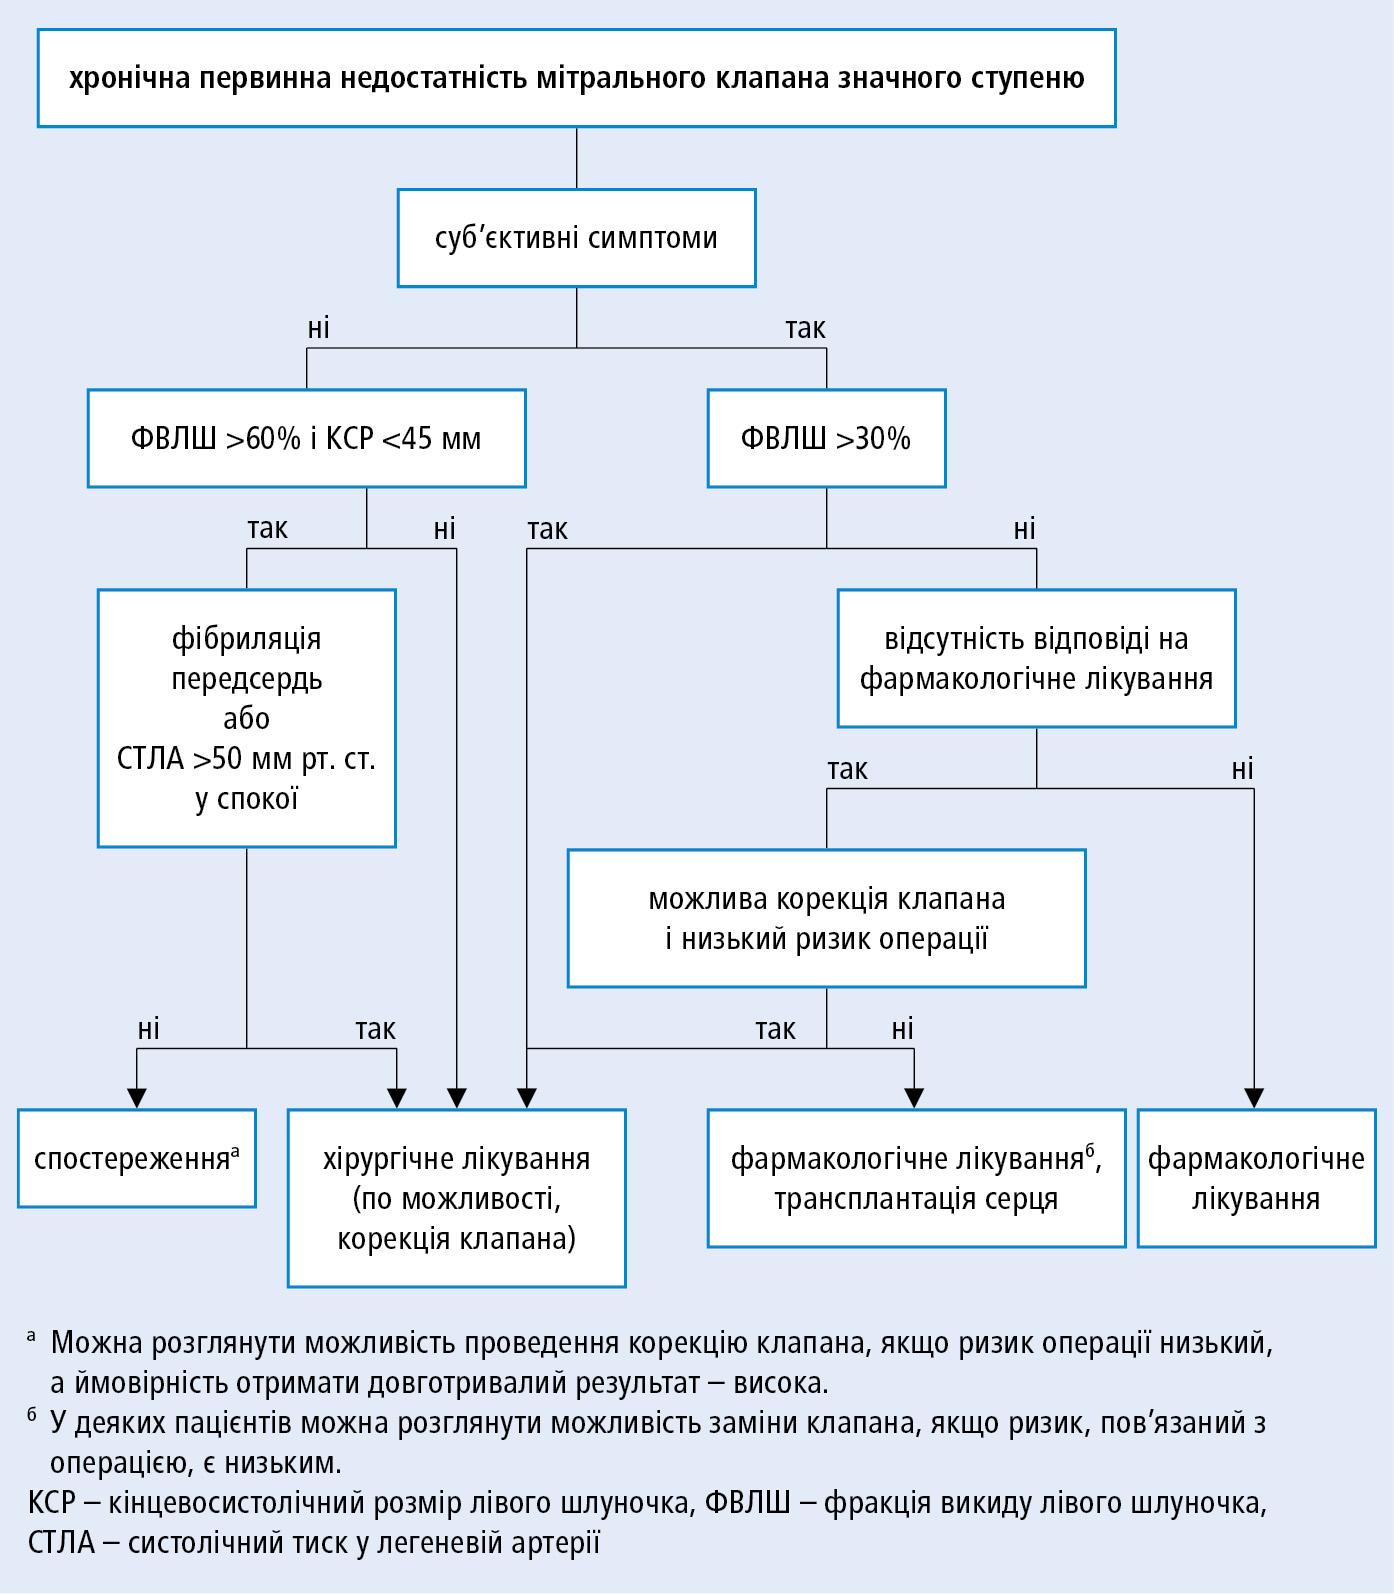 Тактика при хронічній тяжкій первинній мітральній недостатності (на основі рекомендацій ESC іEACTS 2017, модифіковано)